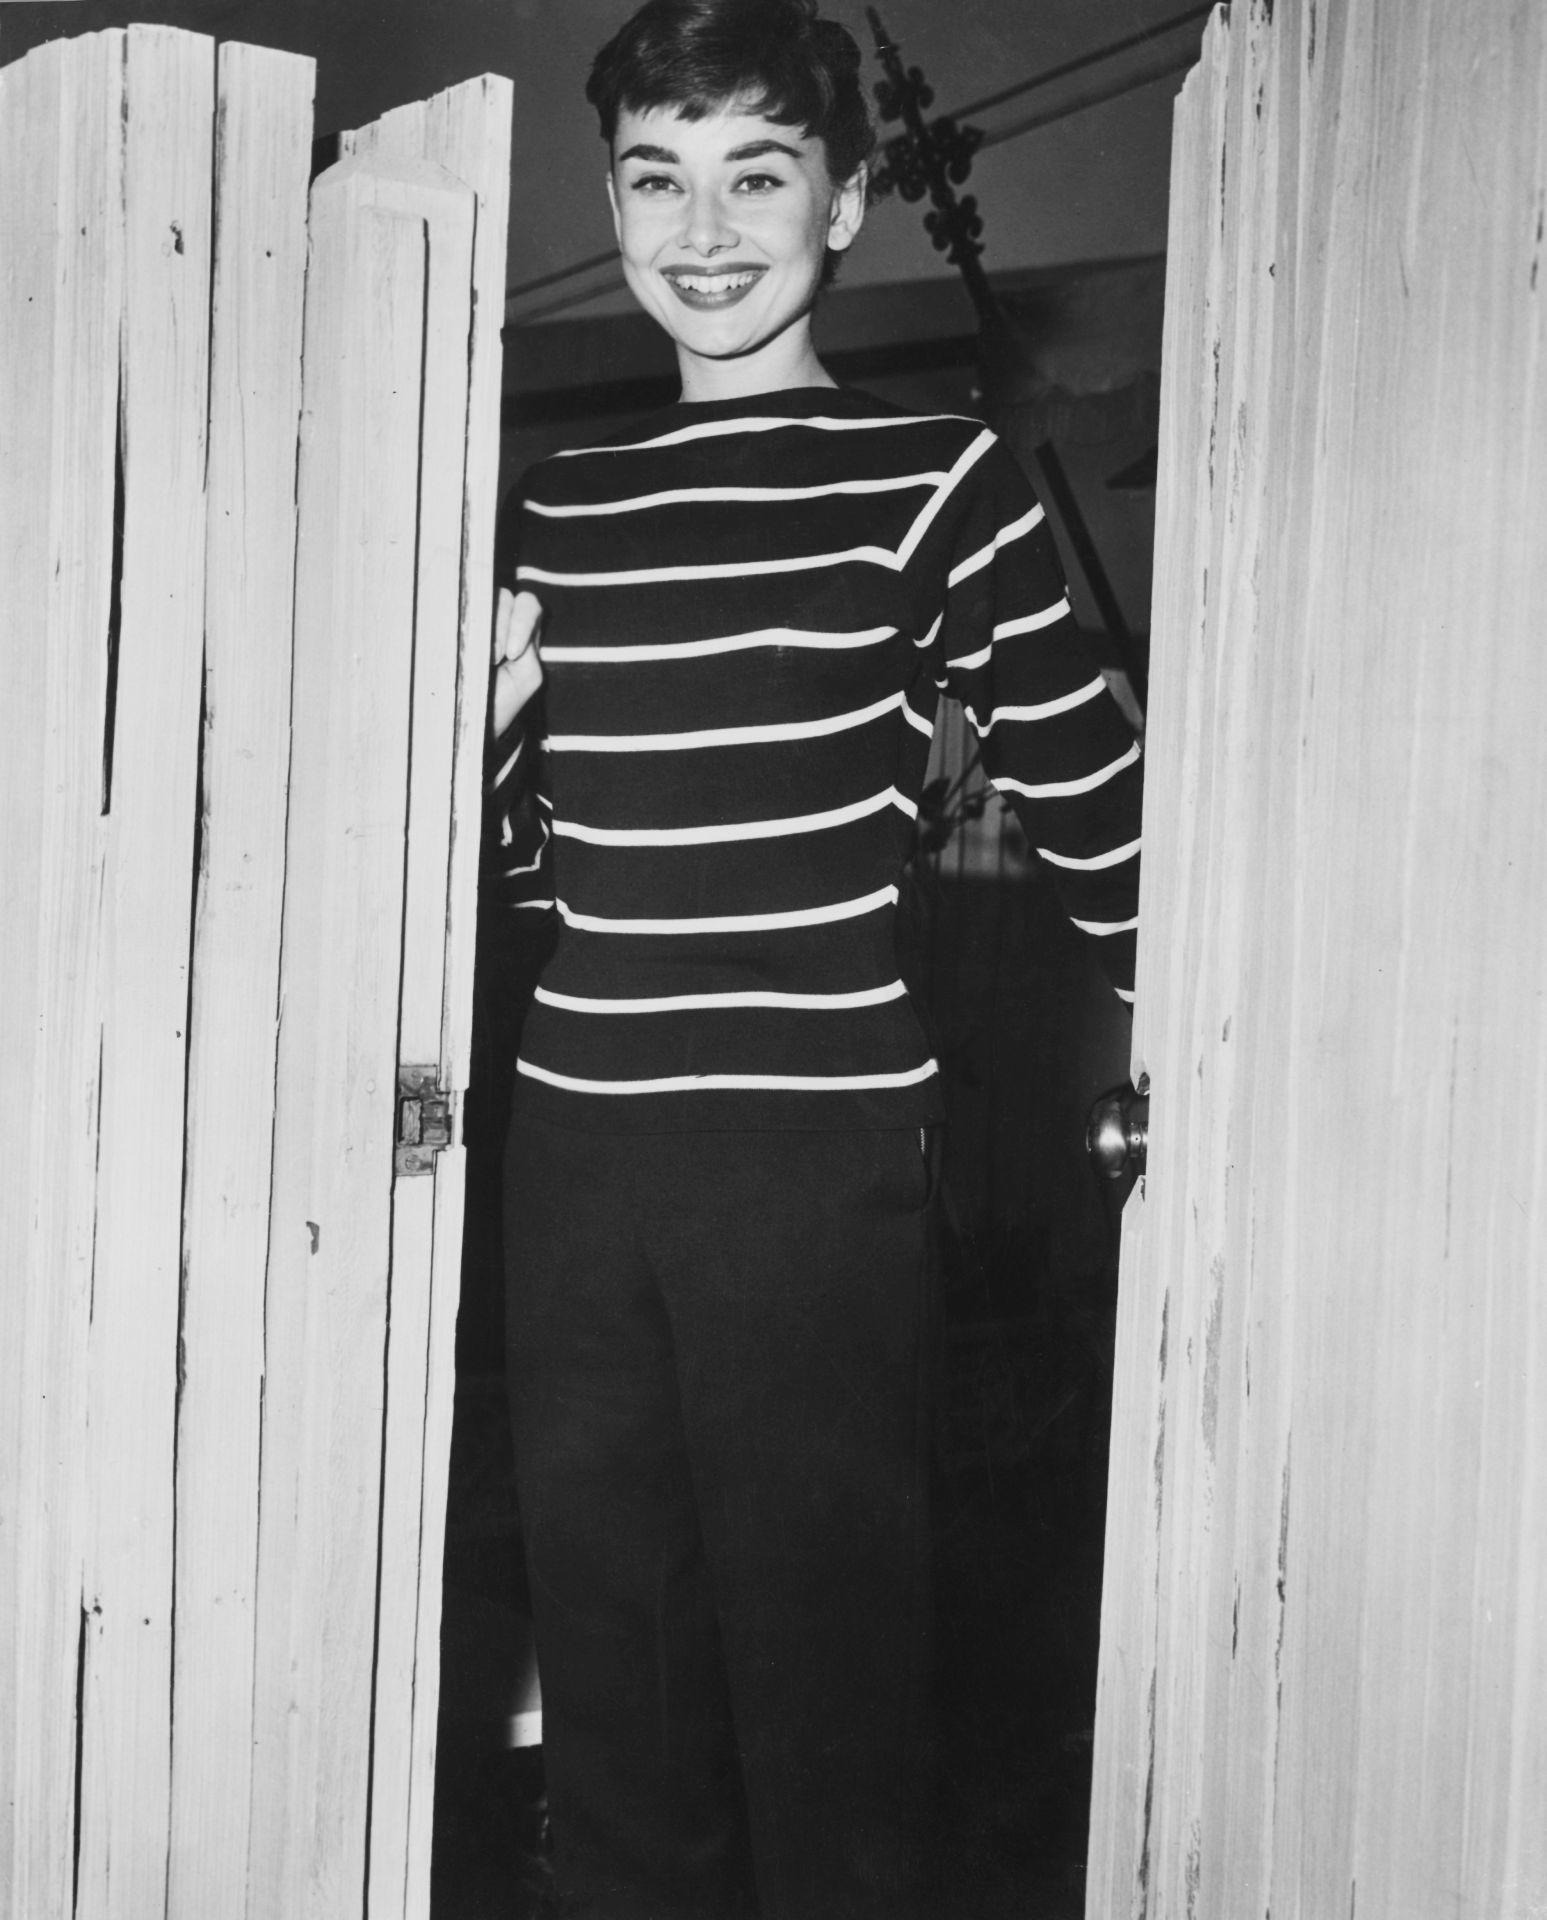 Actress Audrey Hepburn és a gamine stílus kéz a kézben járt.